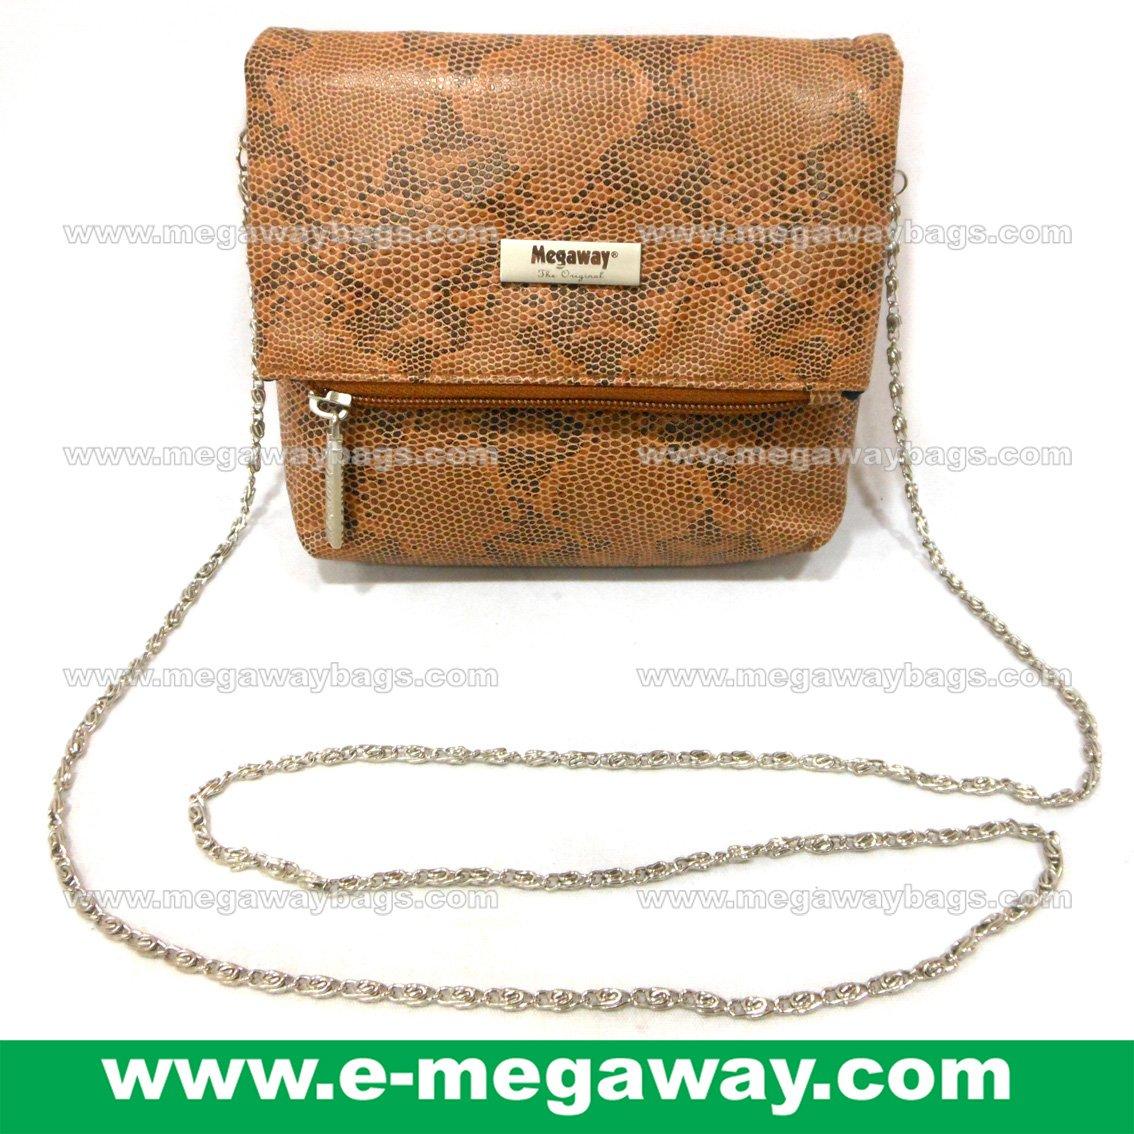 Megaway Fashion Handbag Women Handbag MegawayBags #CC- 0987